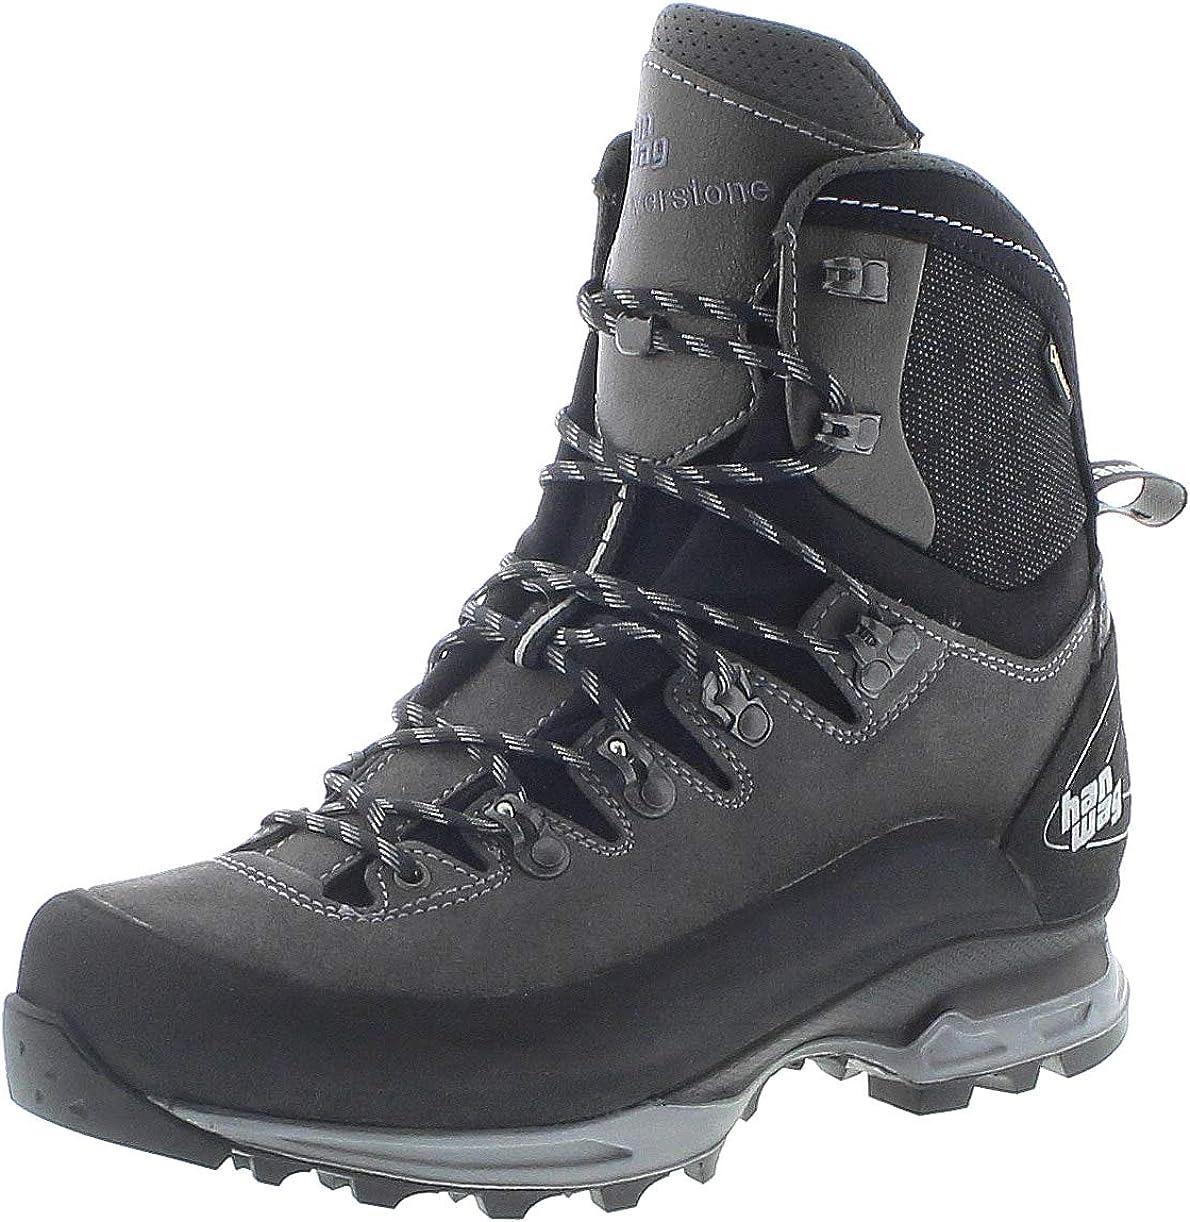 Hanwag Alverstone II GTX Backpacking Boot – Men s